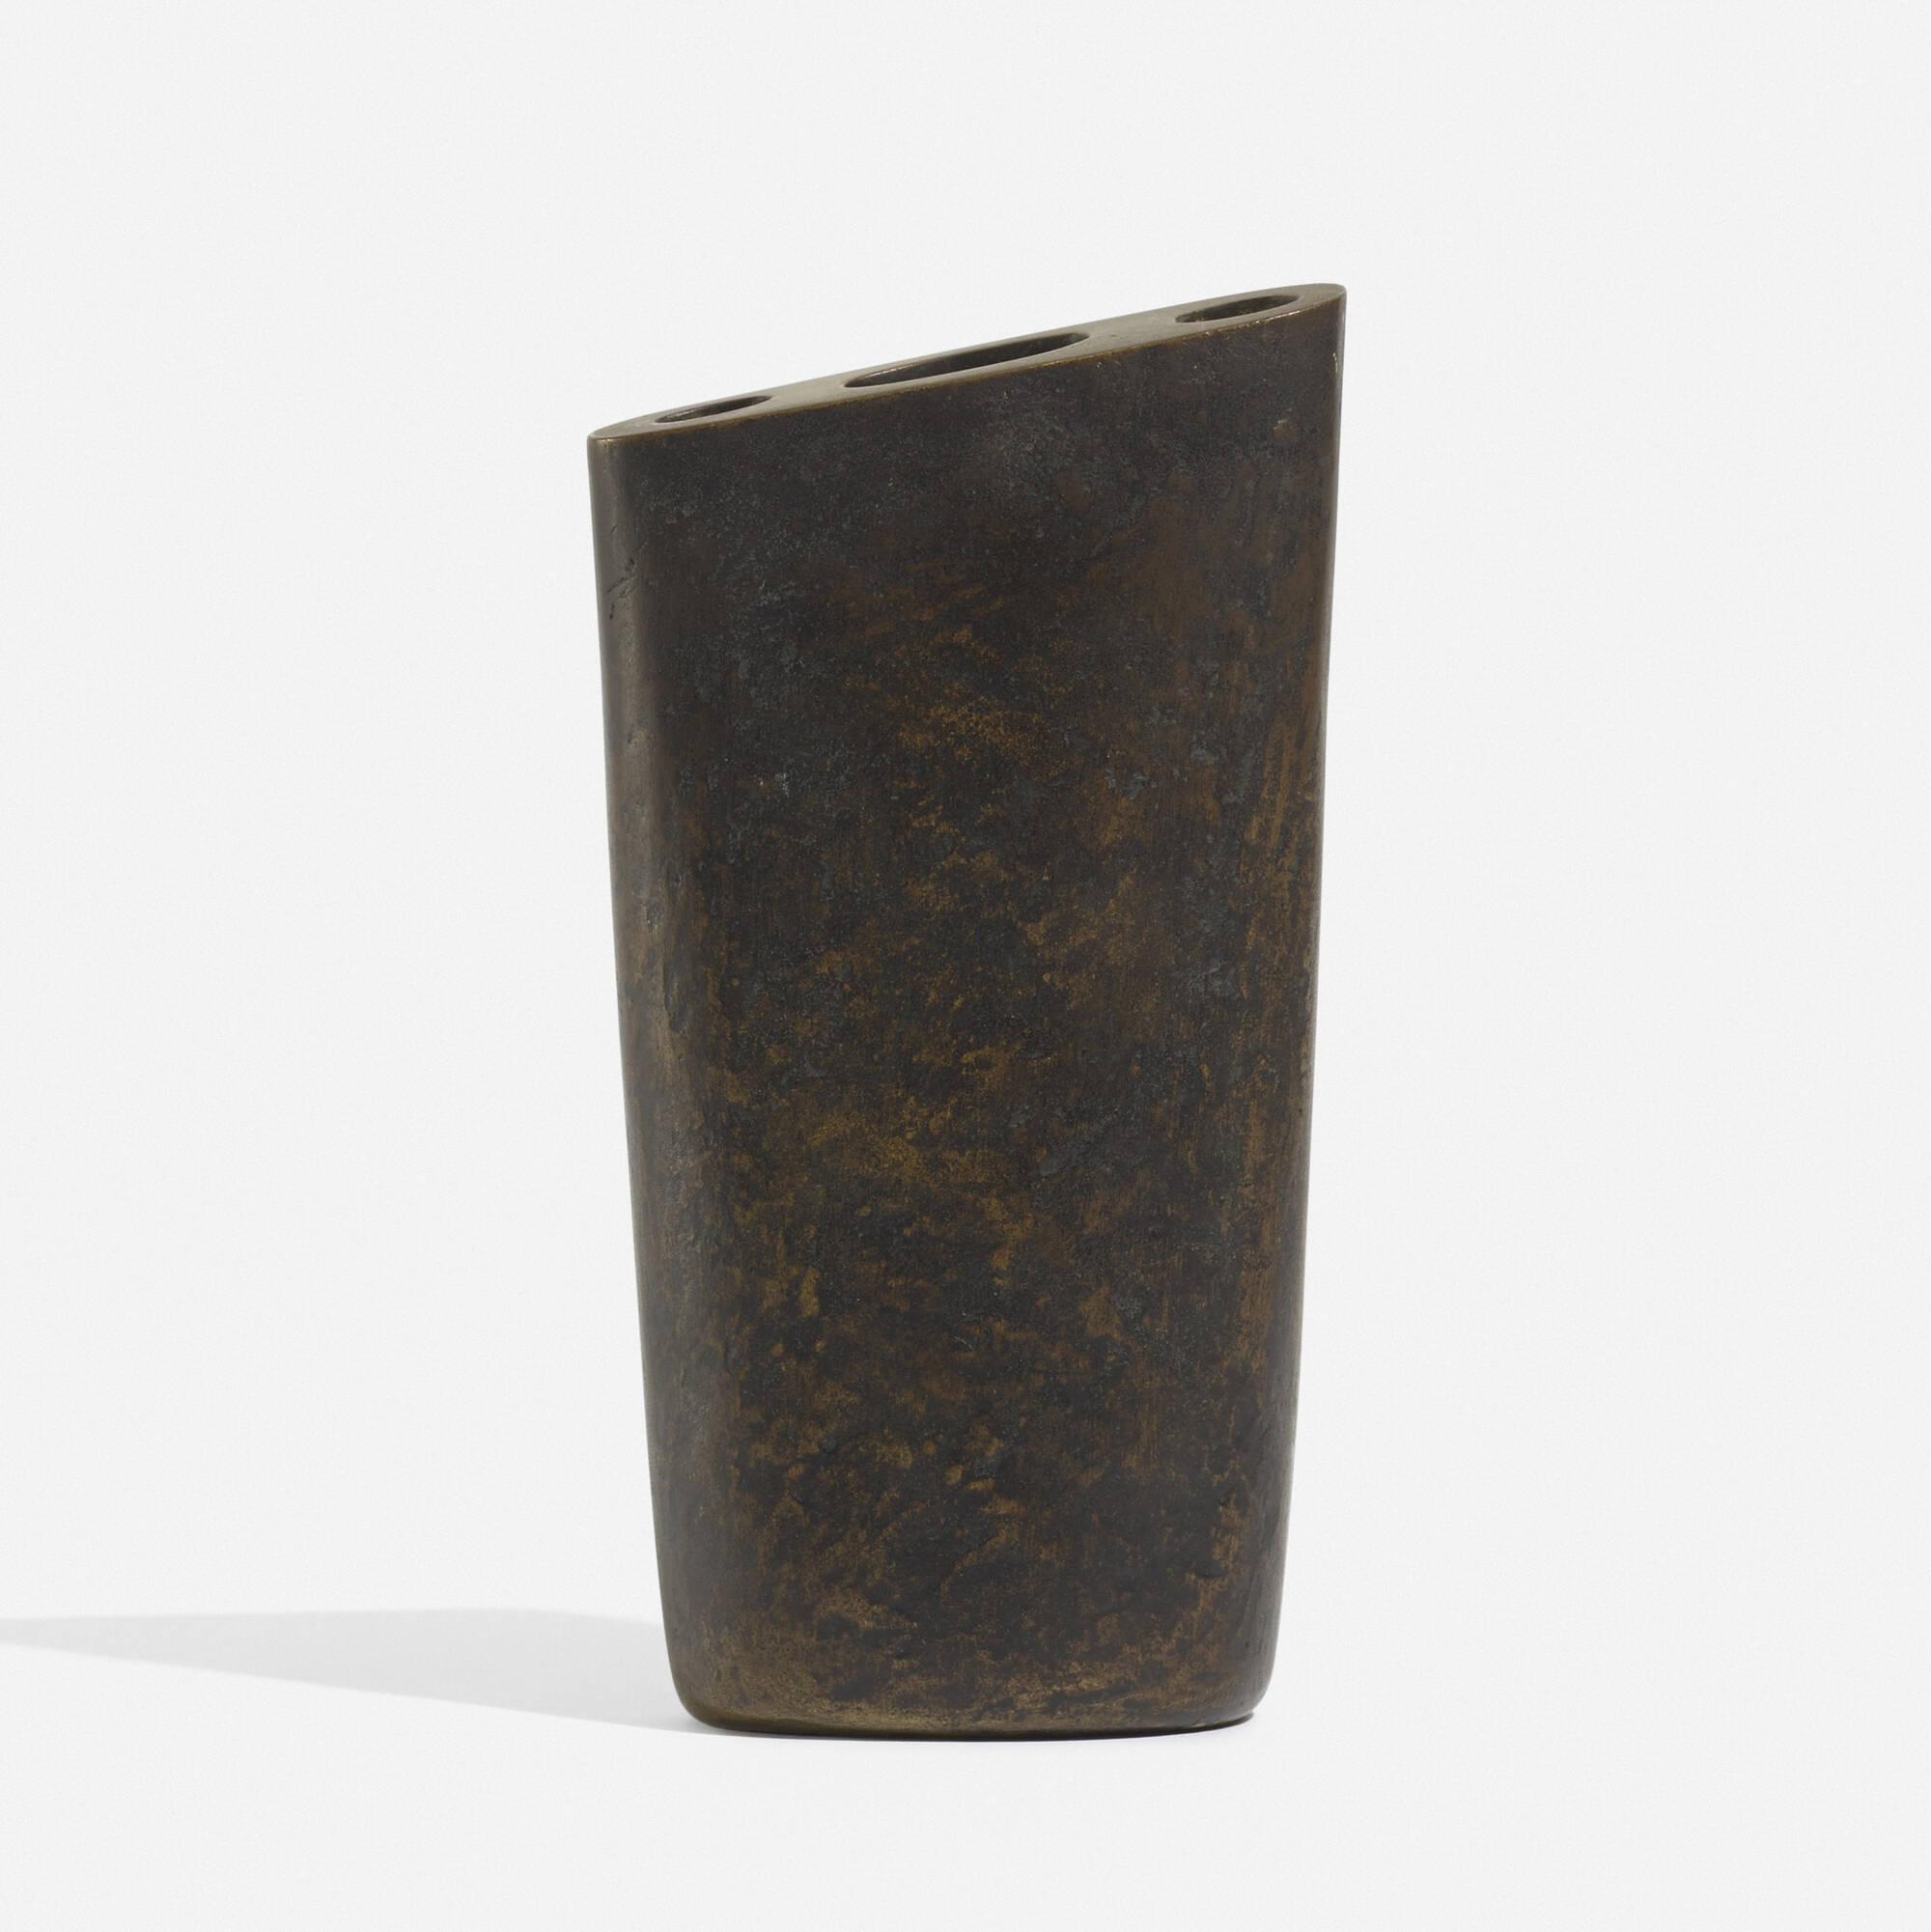 114: Carl Auböck II / vase, model 7235 (2 of 3)